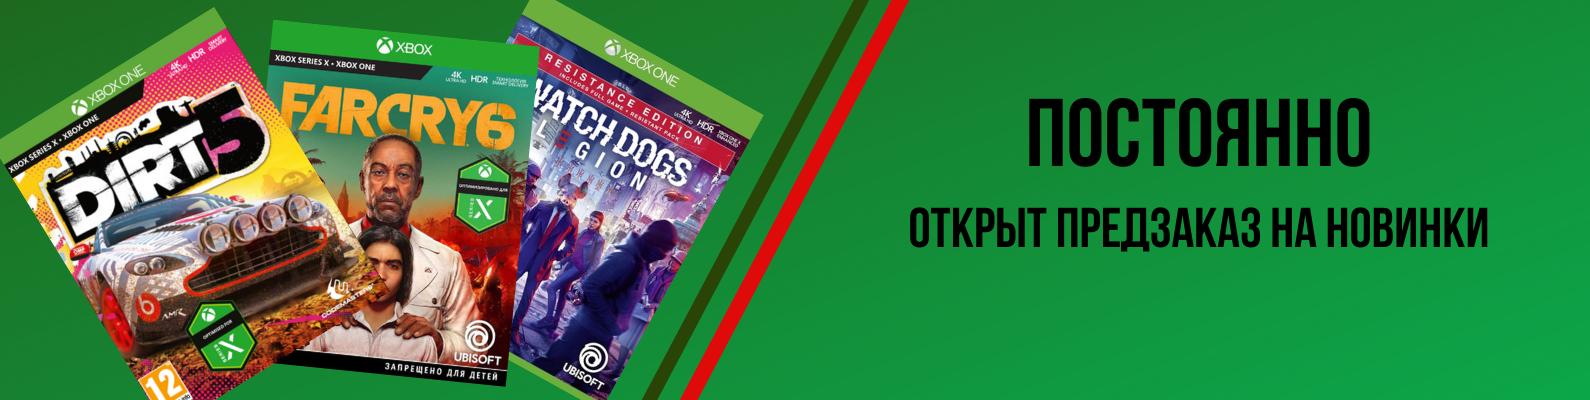 Xbox: Новинки